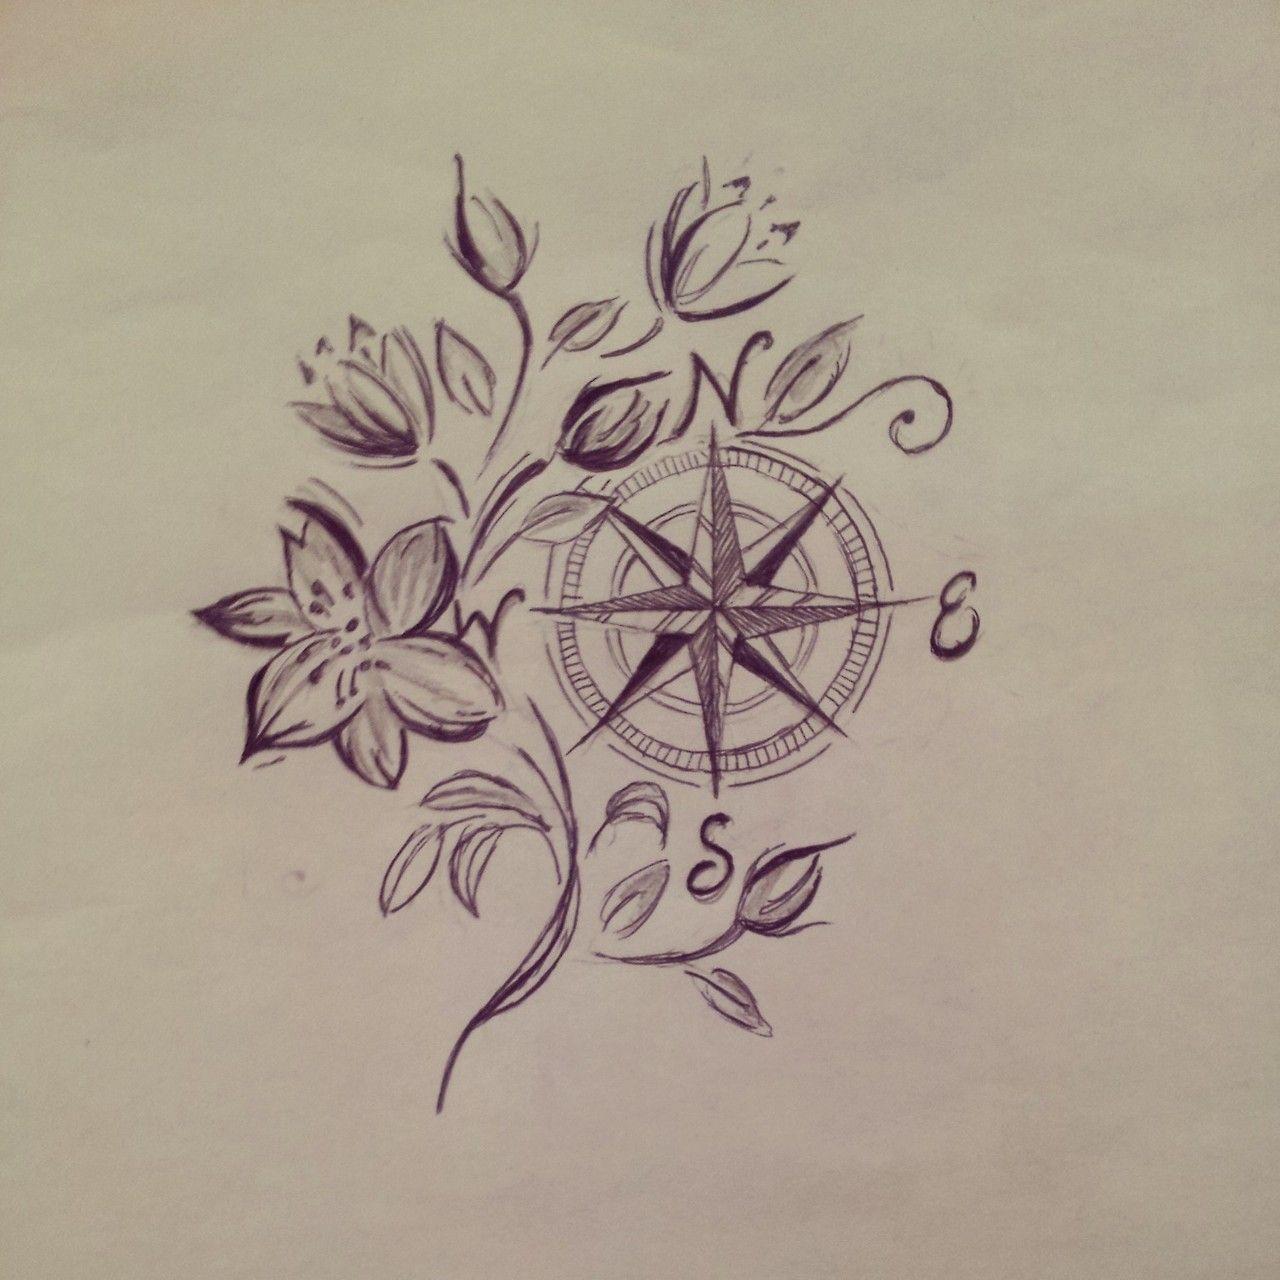 Rose des vents tatouage signification galerie tatouage - Rose tatouage signification ...